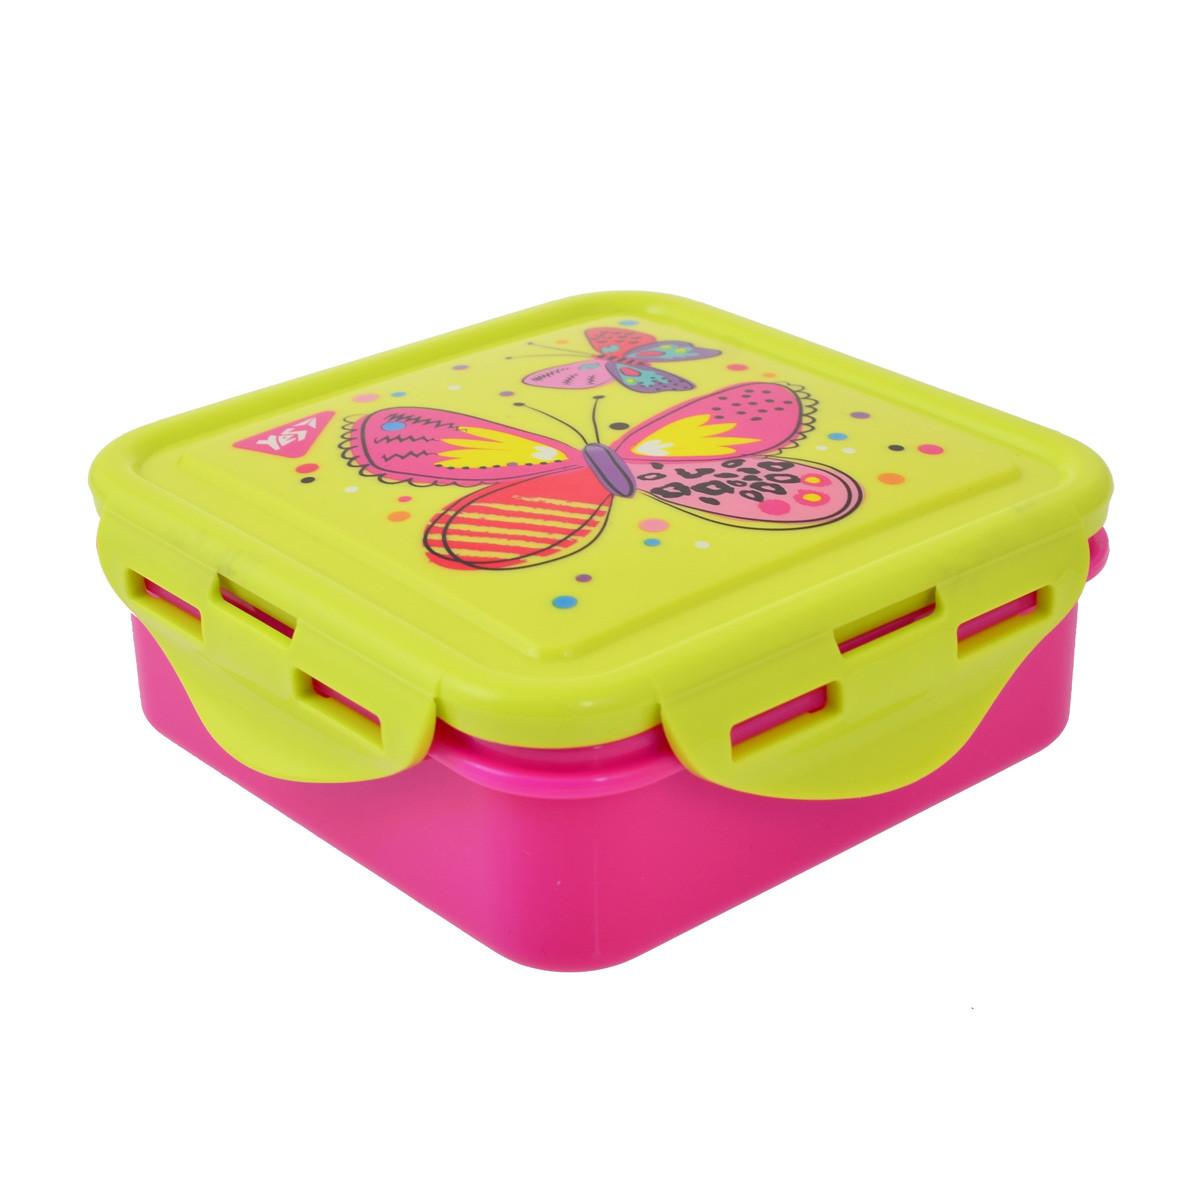 Контейнер для еды YES Butterfly 380 мл YES код: 706878